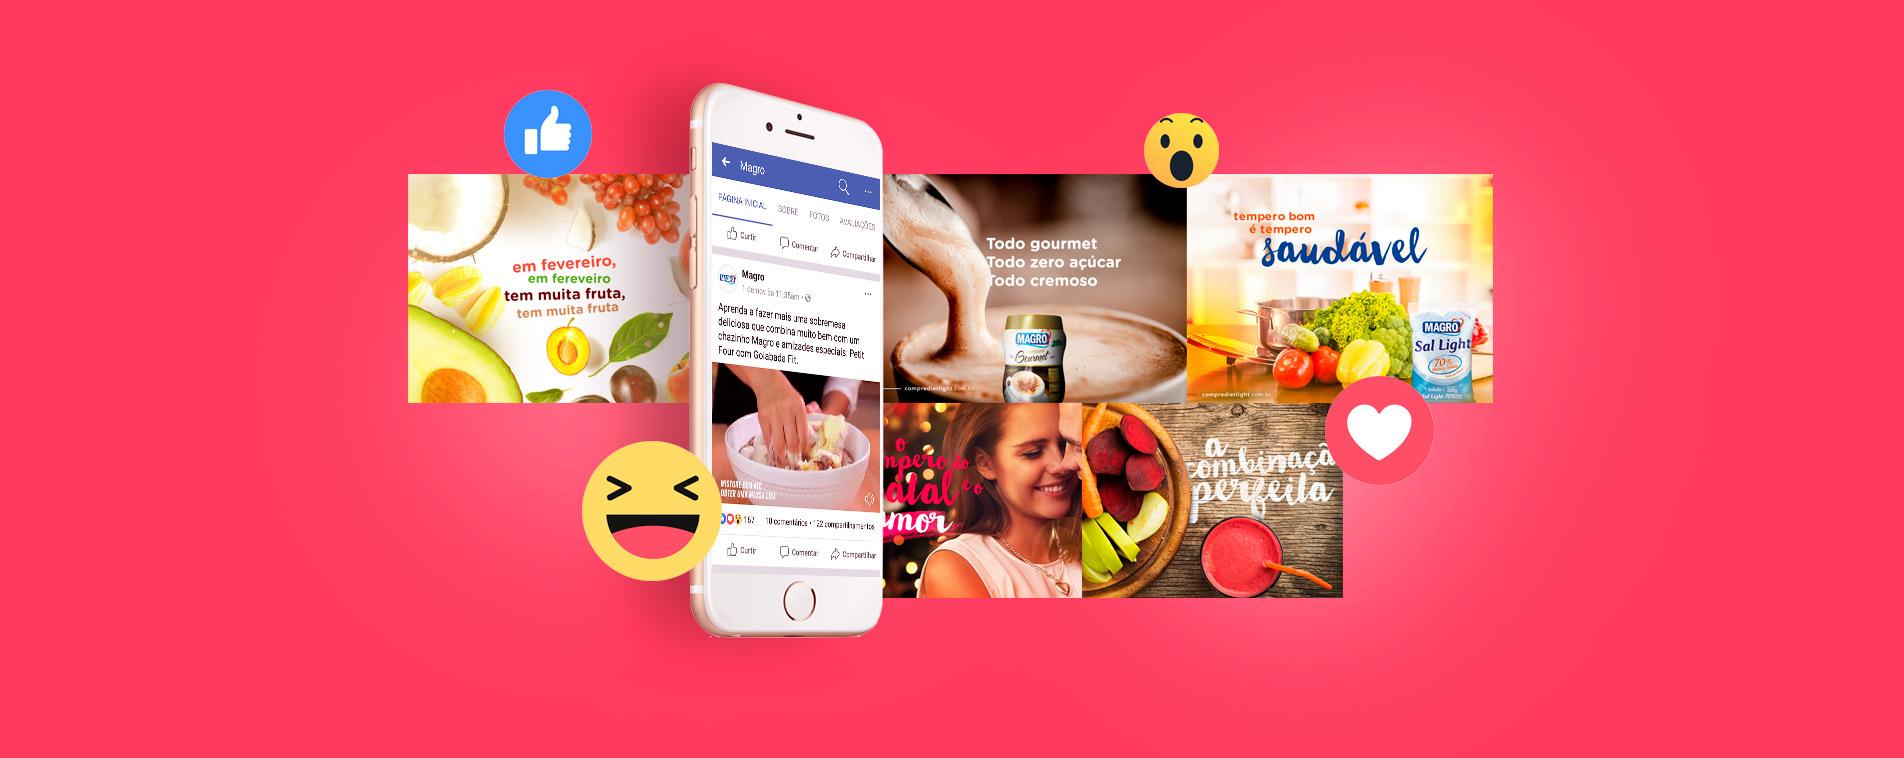 redes sociais produtos magro bangboo